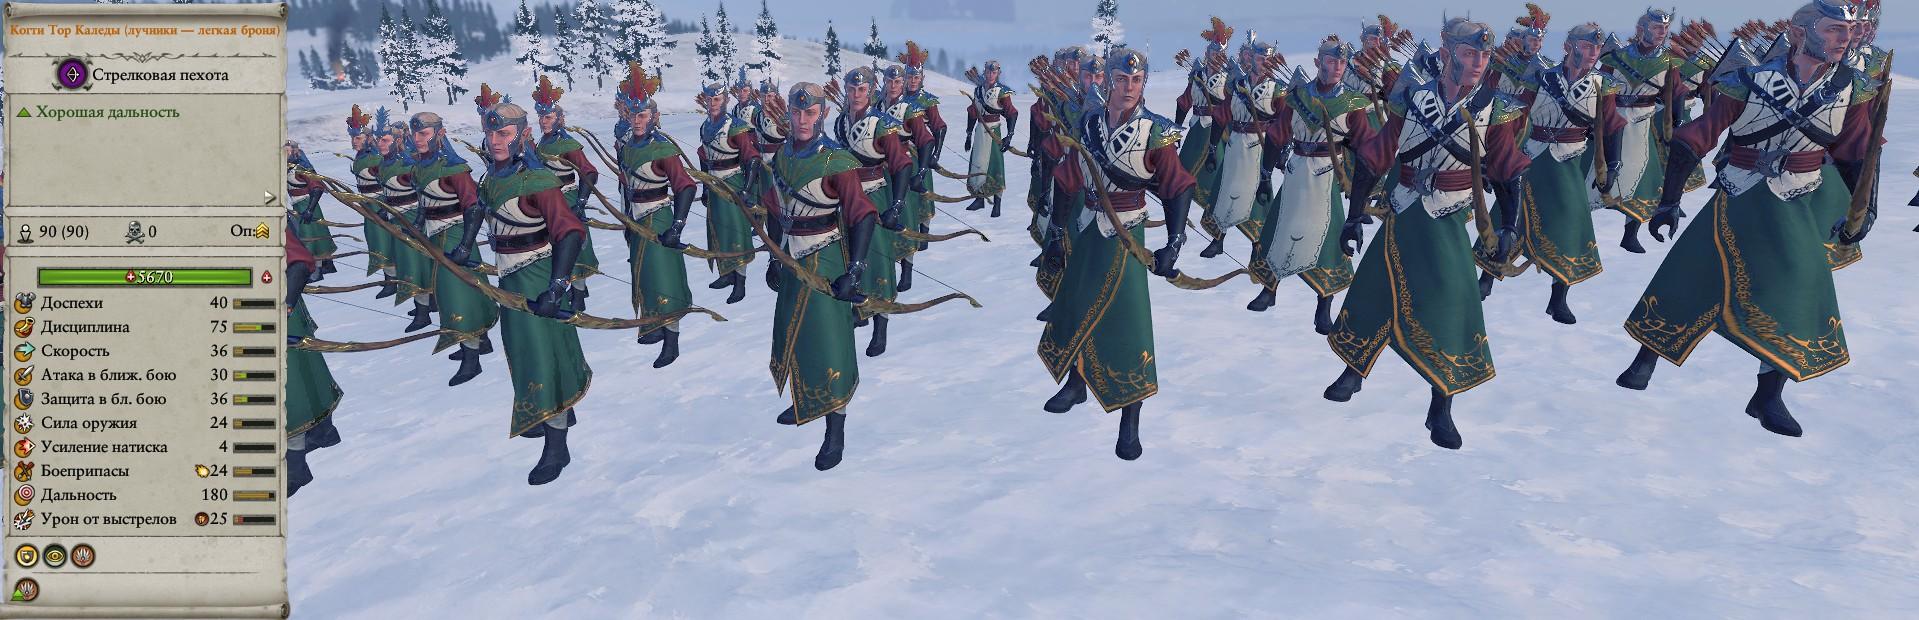 Когти Тор Каледы (лучники - легкая броня) warhammer total war 2